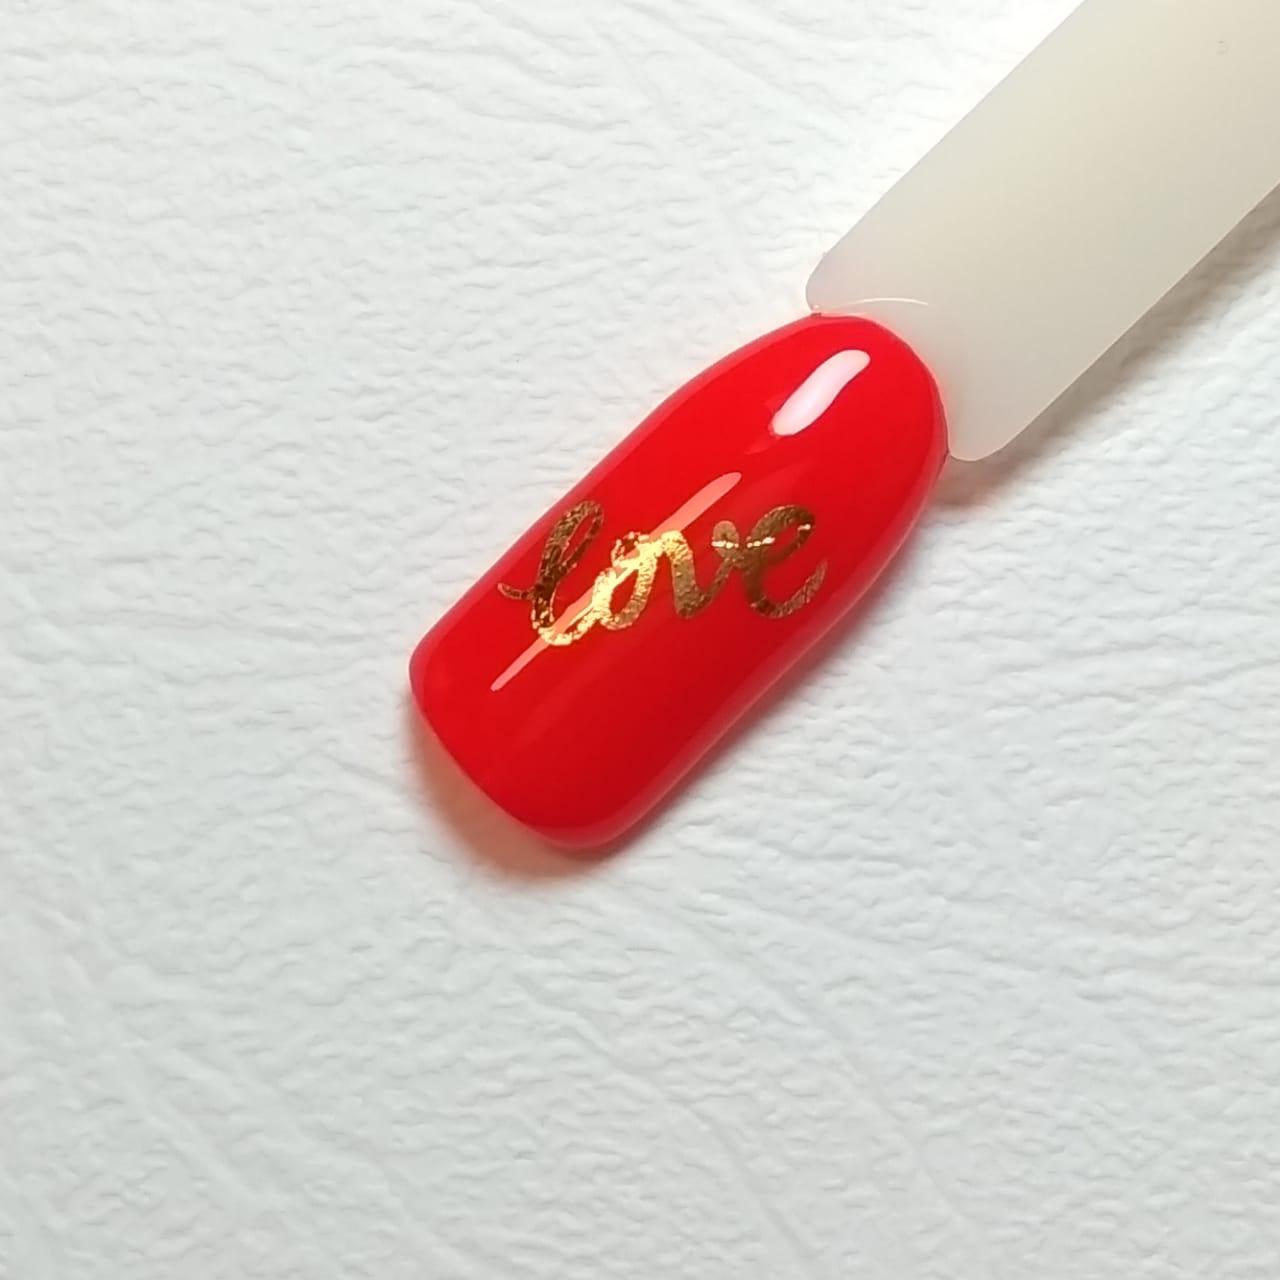 Как клеить наклейки на ногти: пошаговое фото